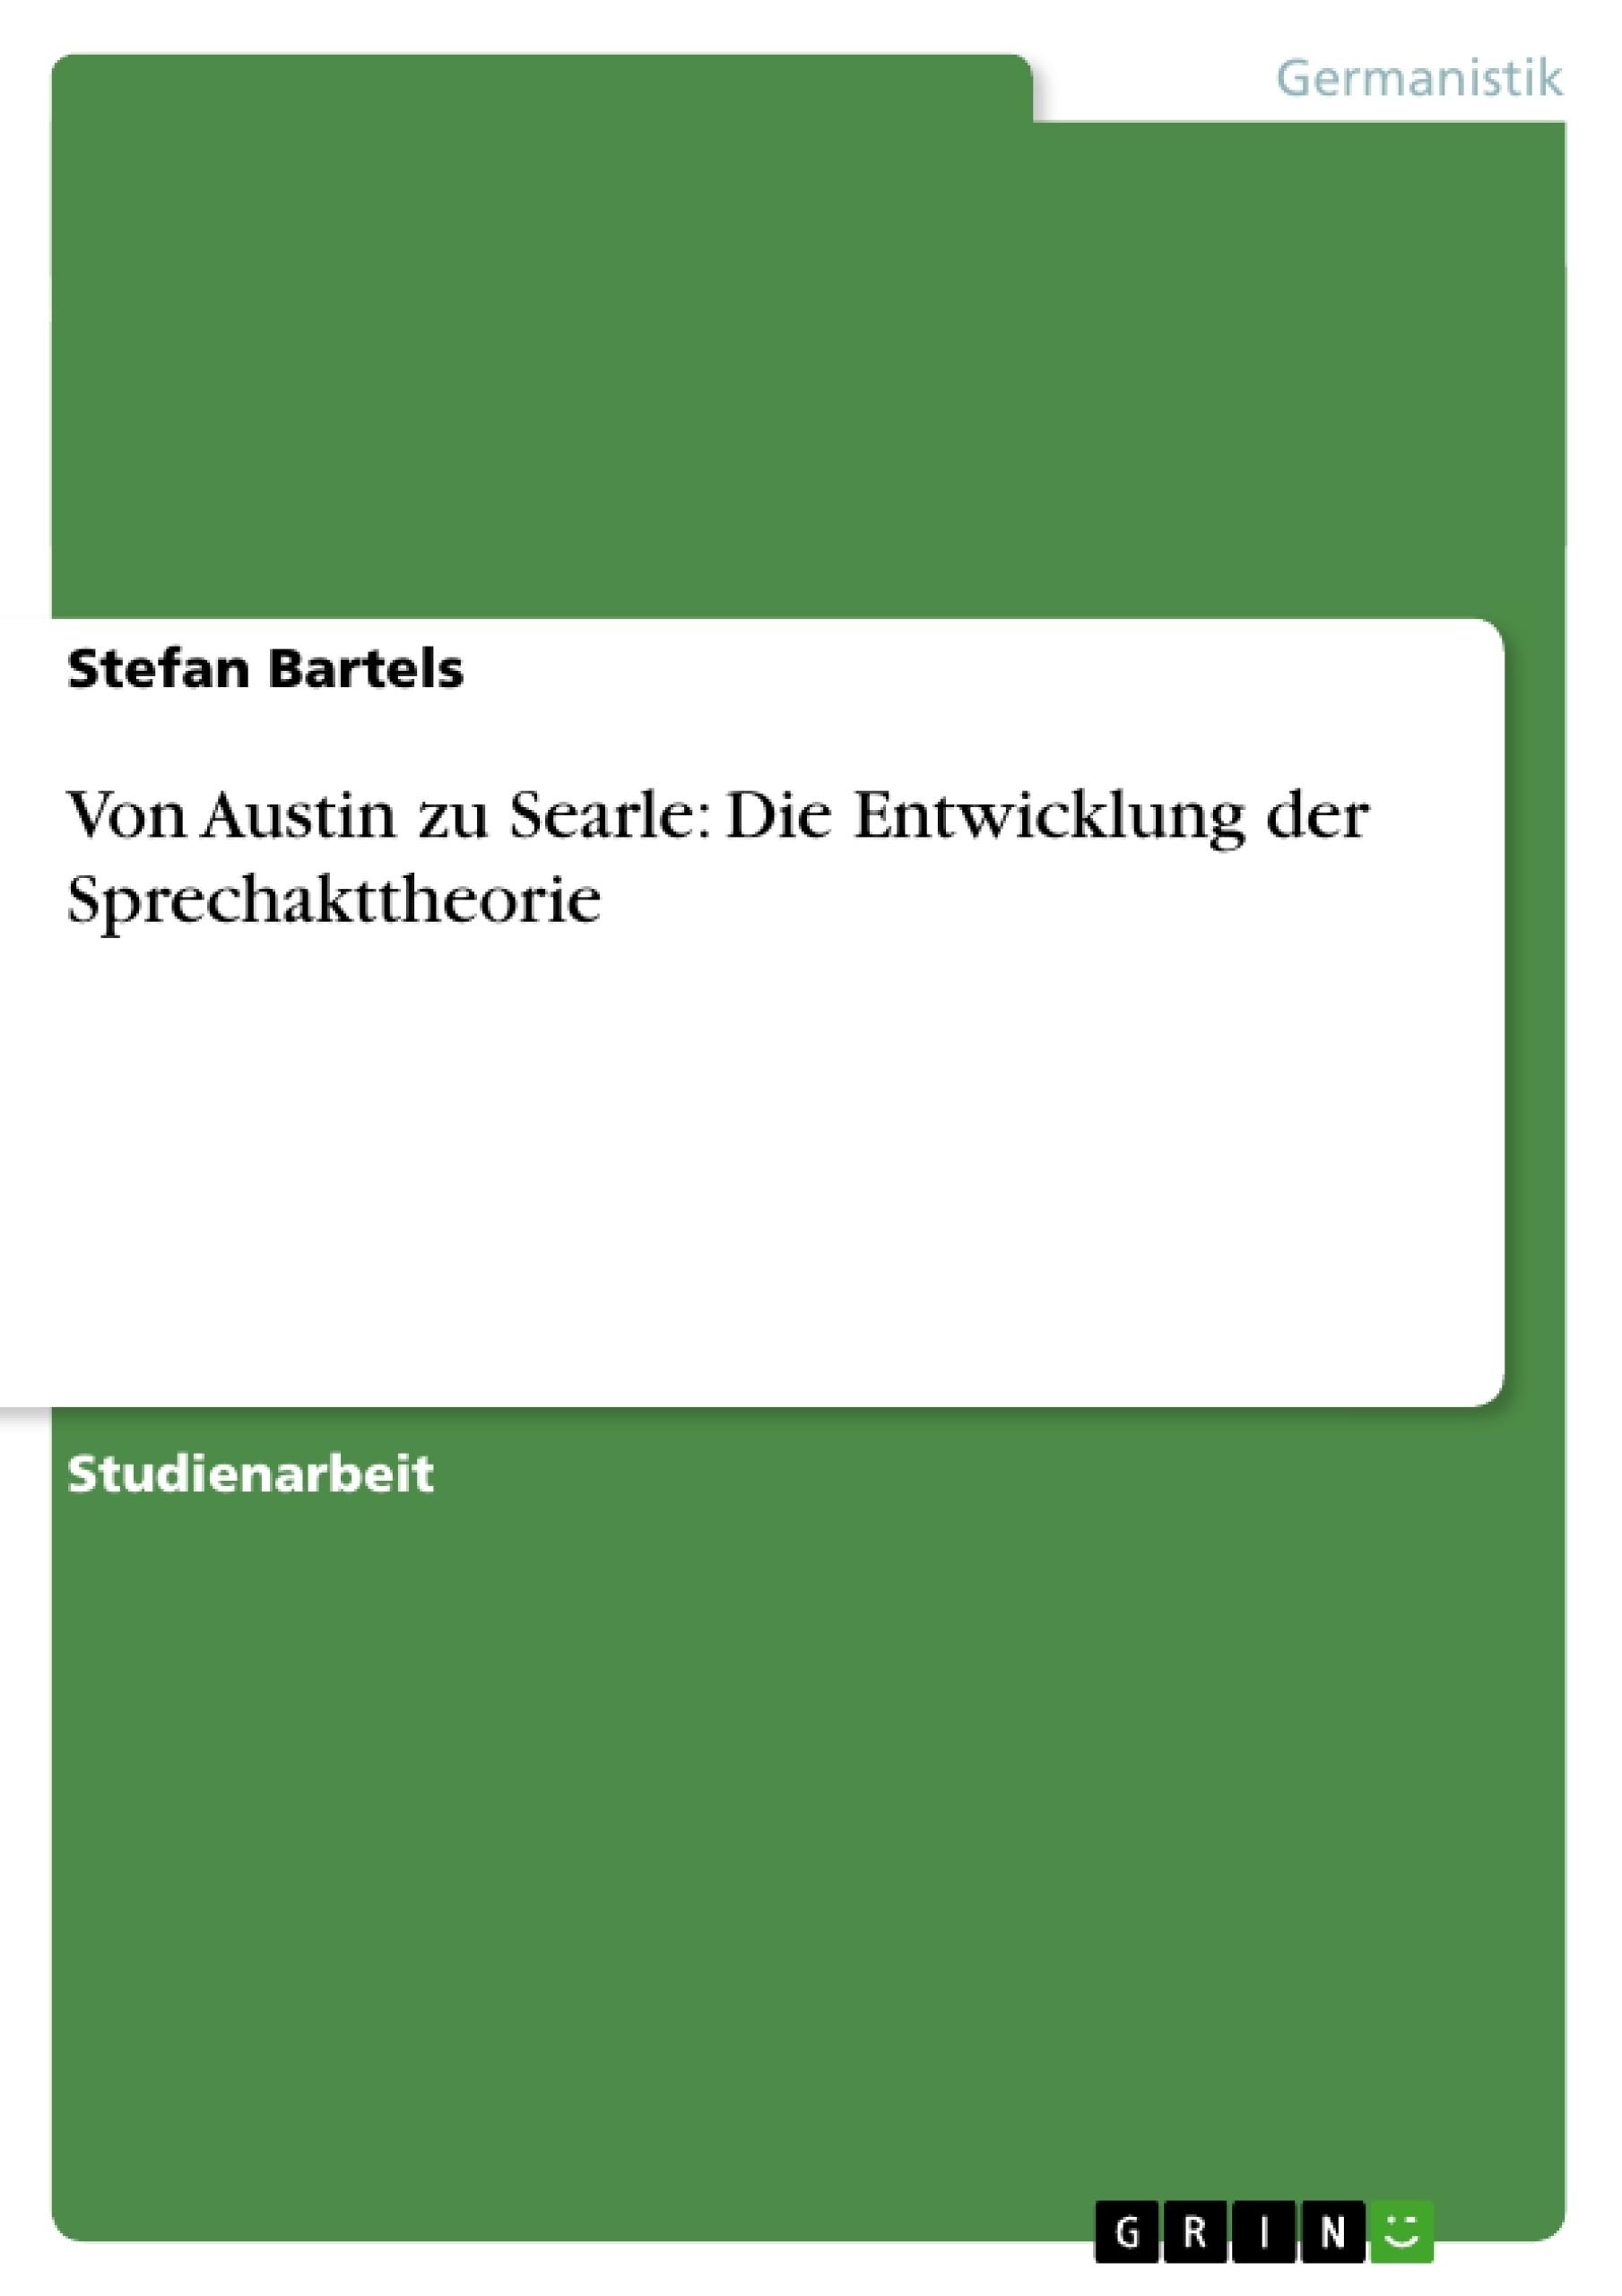 Von Austin zu Searle: Die Entwicklung der Sprechakttheorie ...